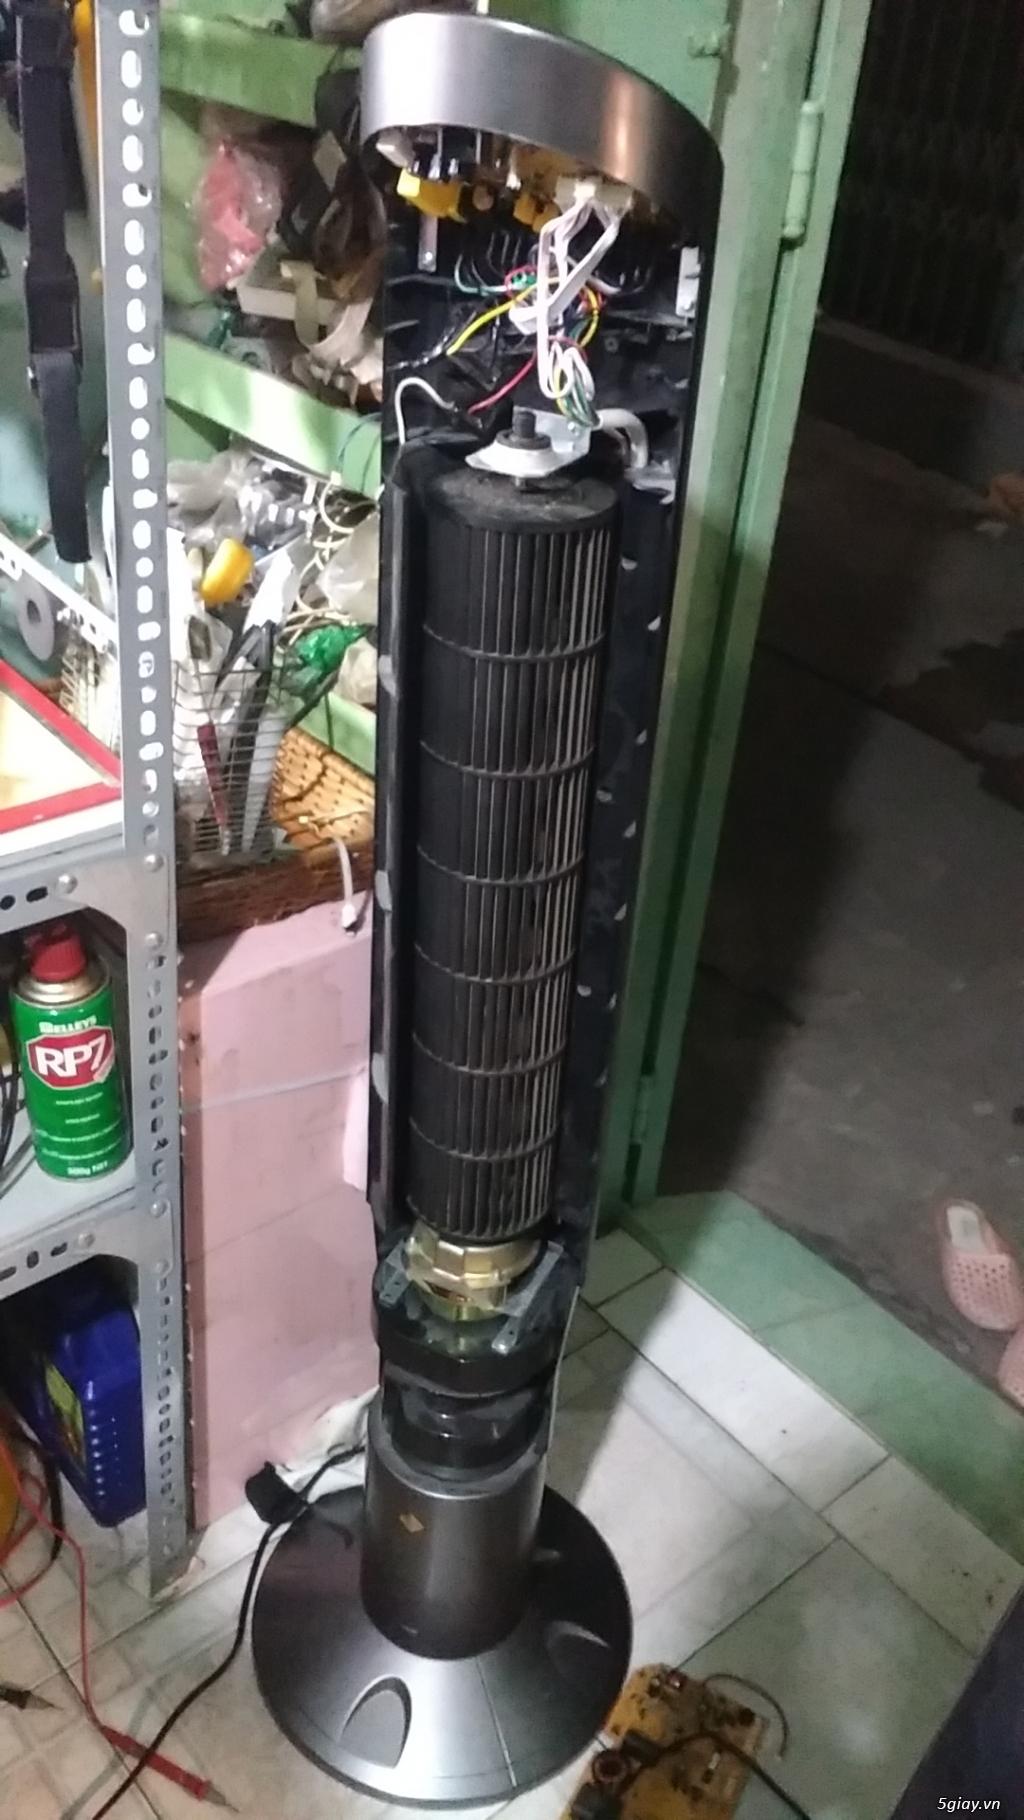 Chuyên sửa lò vi sóng, sửa bếp điện từ, sửa bếp hồng ngoại, sửa nồi áp suất, 0908244258, .... - 16